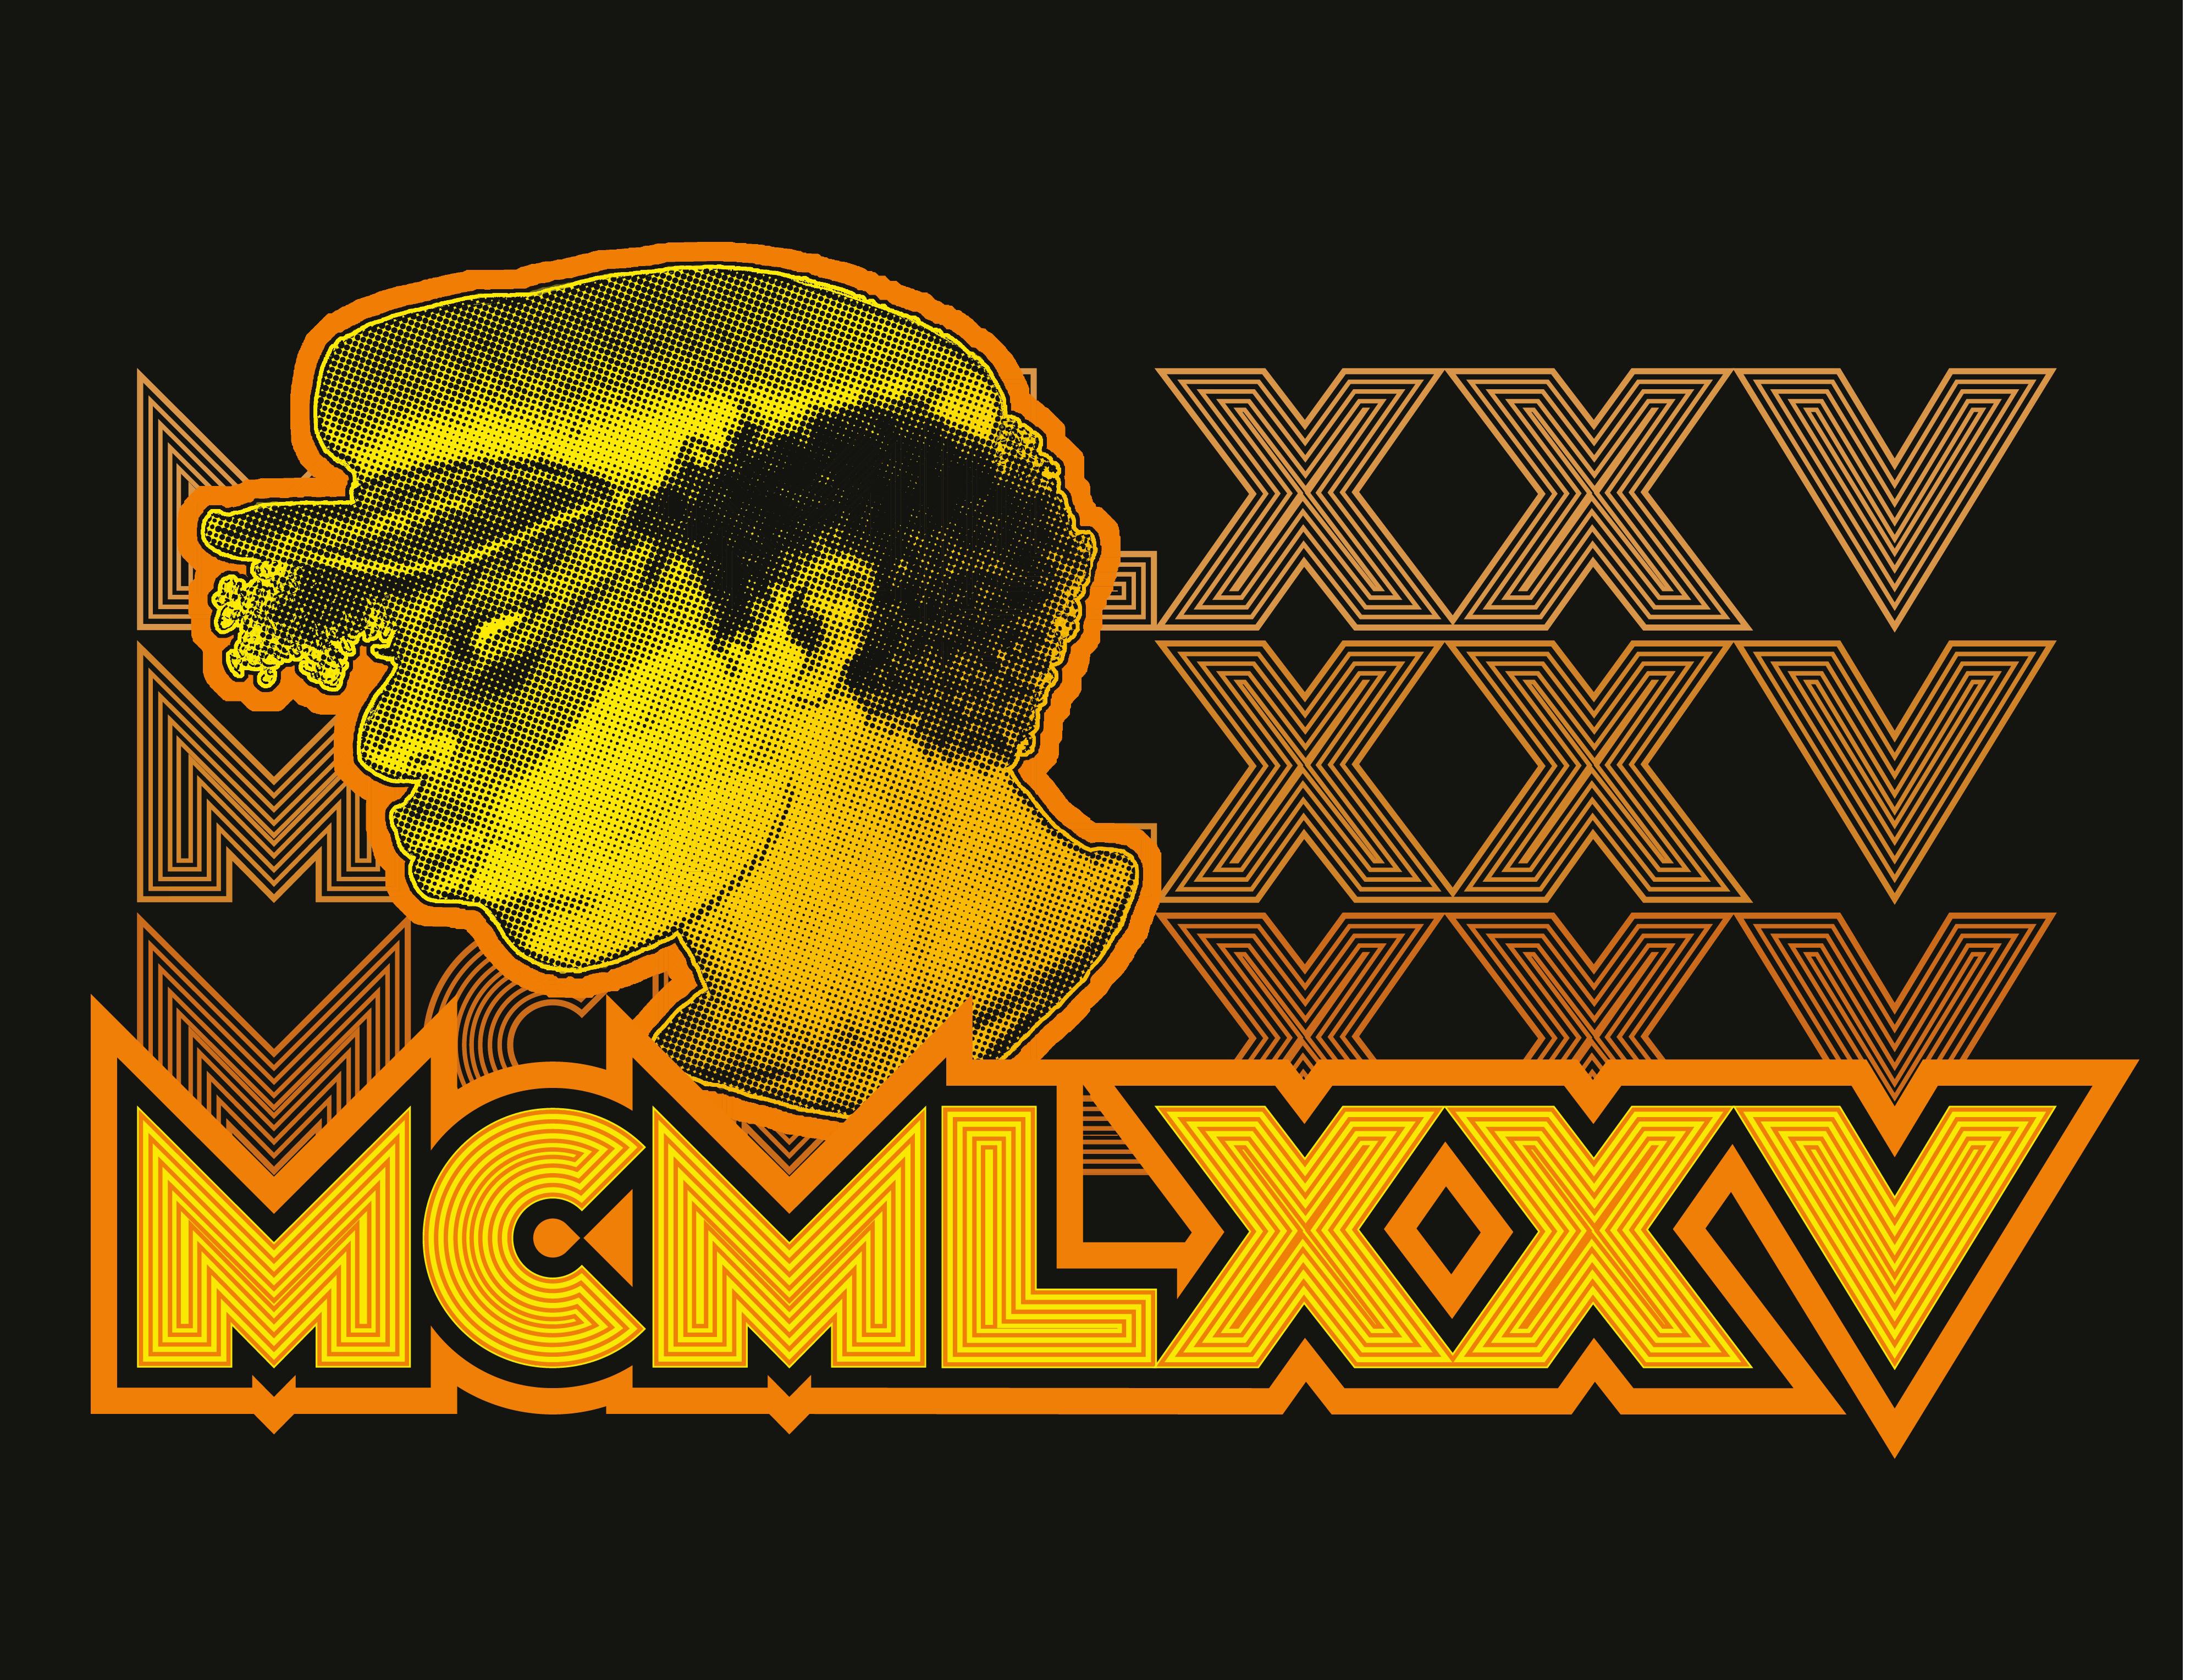 MCMLXXV 002 027